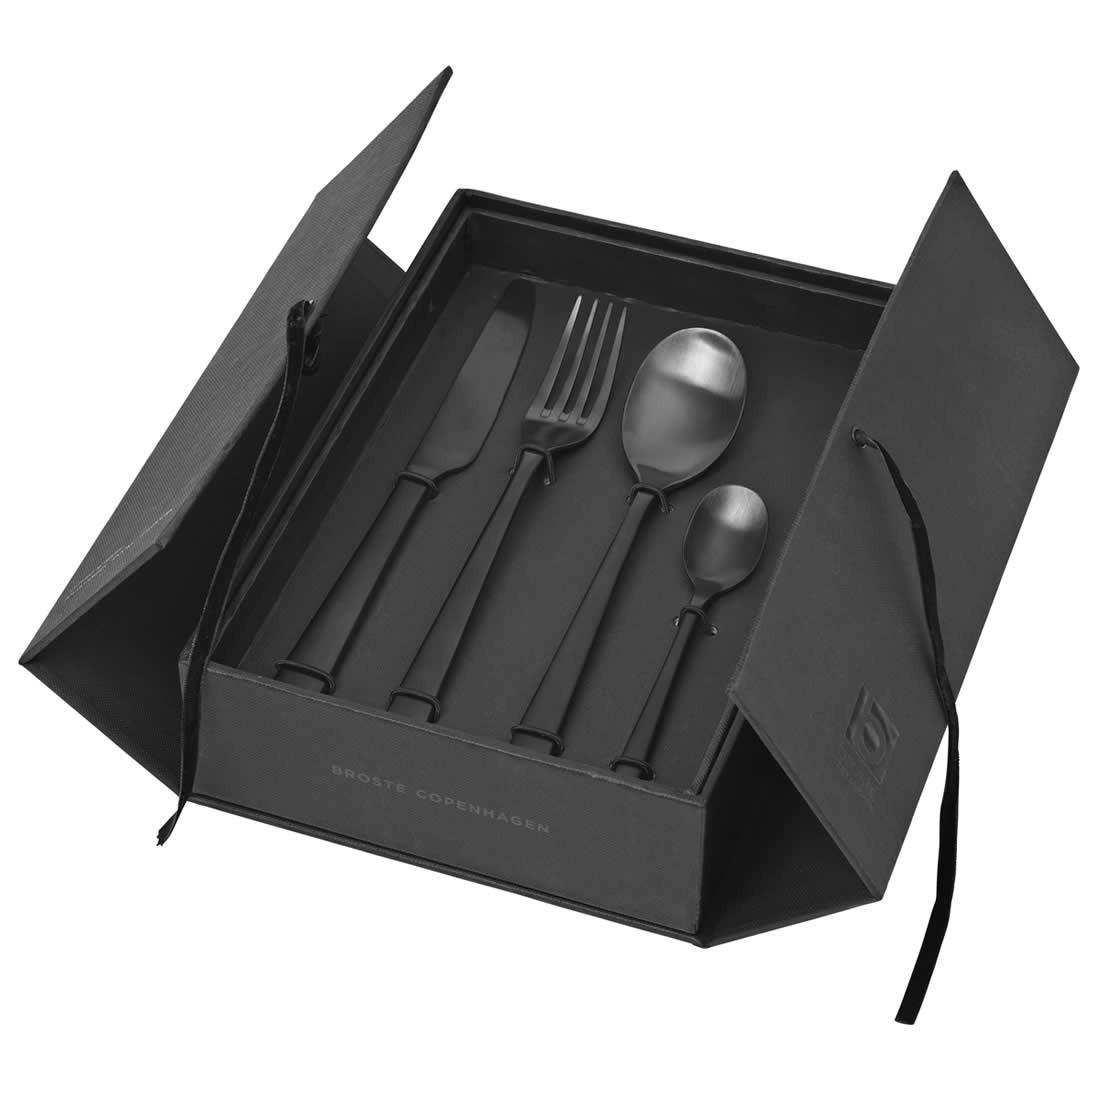 broste hune bestekset mat zwart. Black Bedroom Furniture Sets. Home Design Ideas